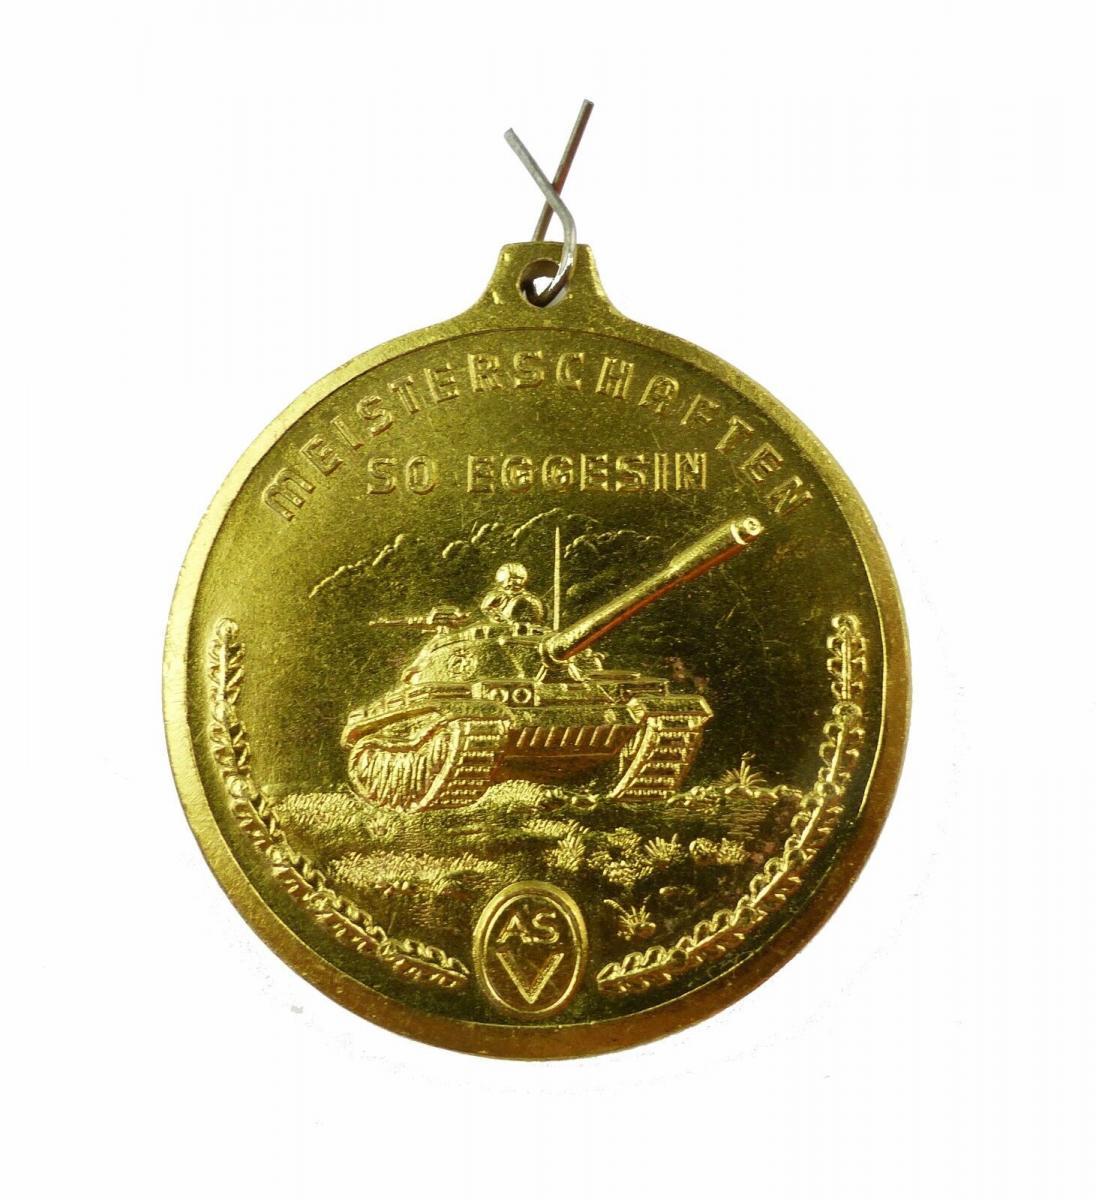 #e6866 DDR Medaille Meisterschaften SO Eggesin ASV sozialistische Körperkultur